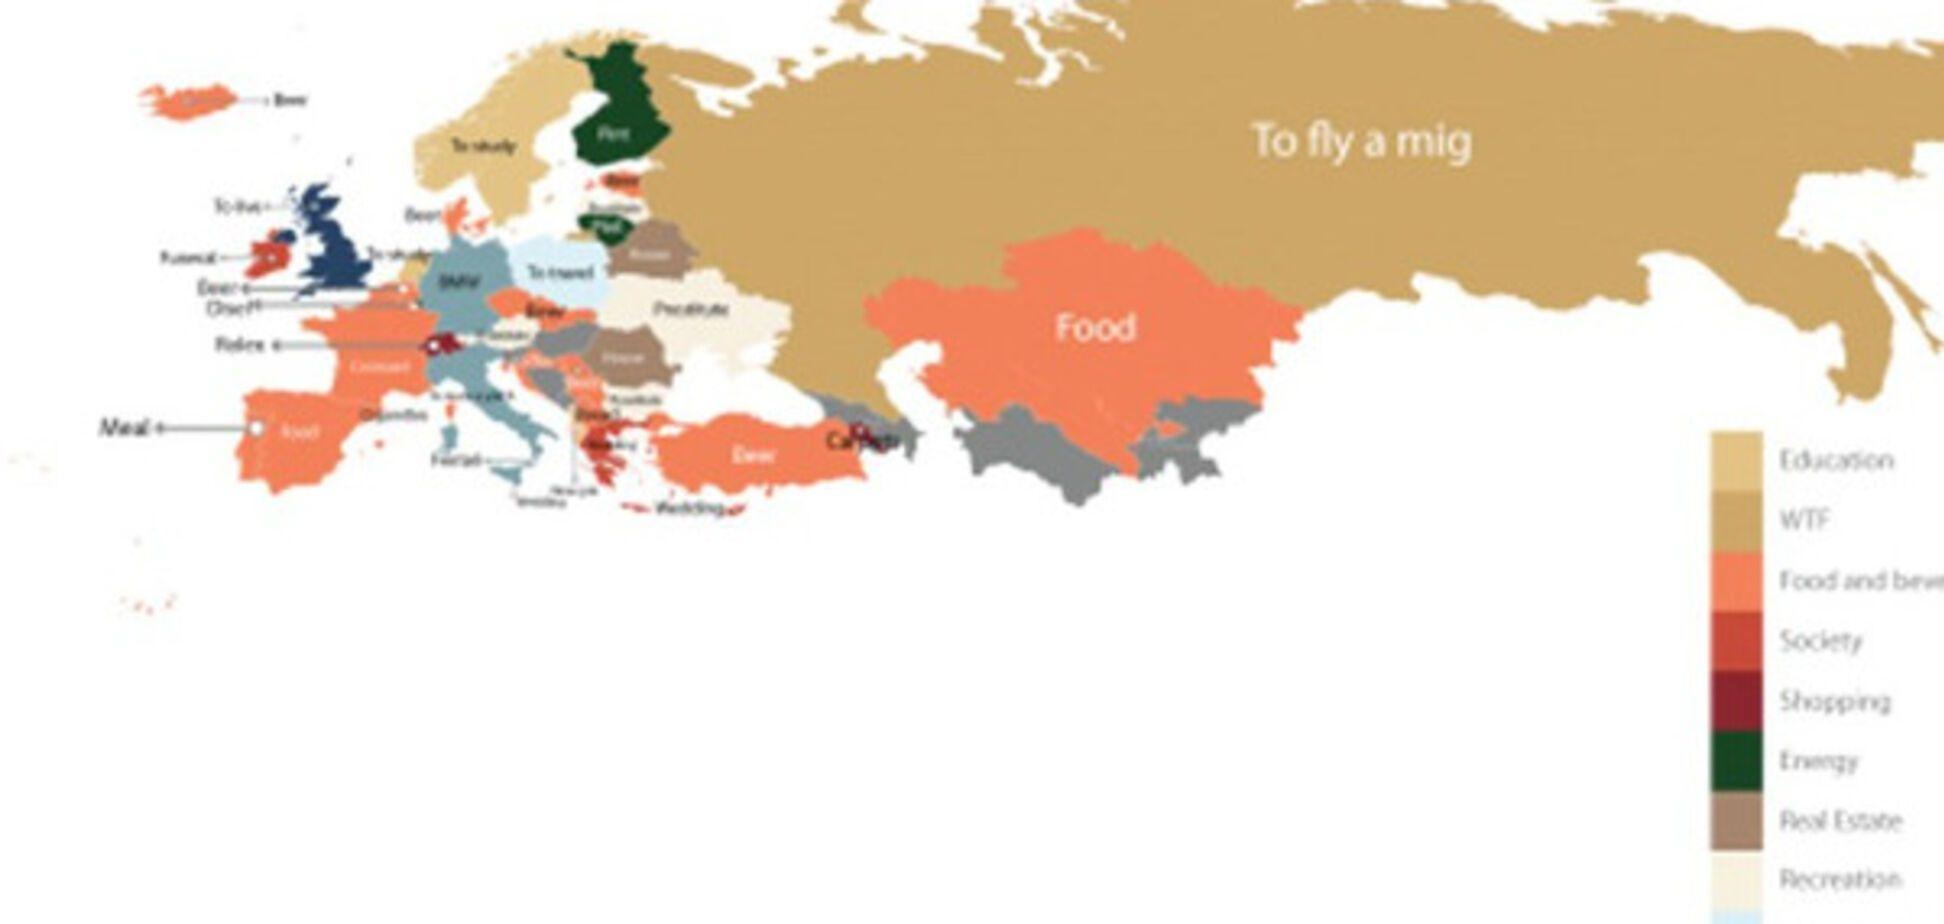 Назвали наиболее частый Google-запрос украинцев